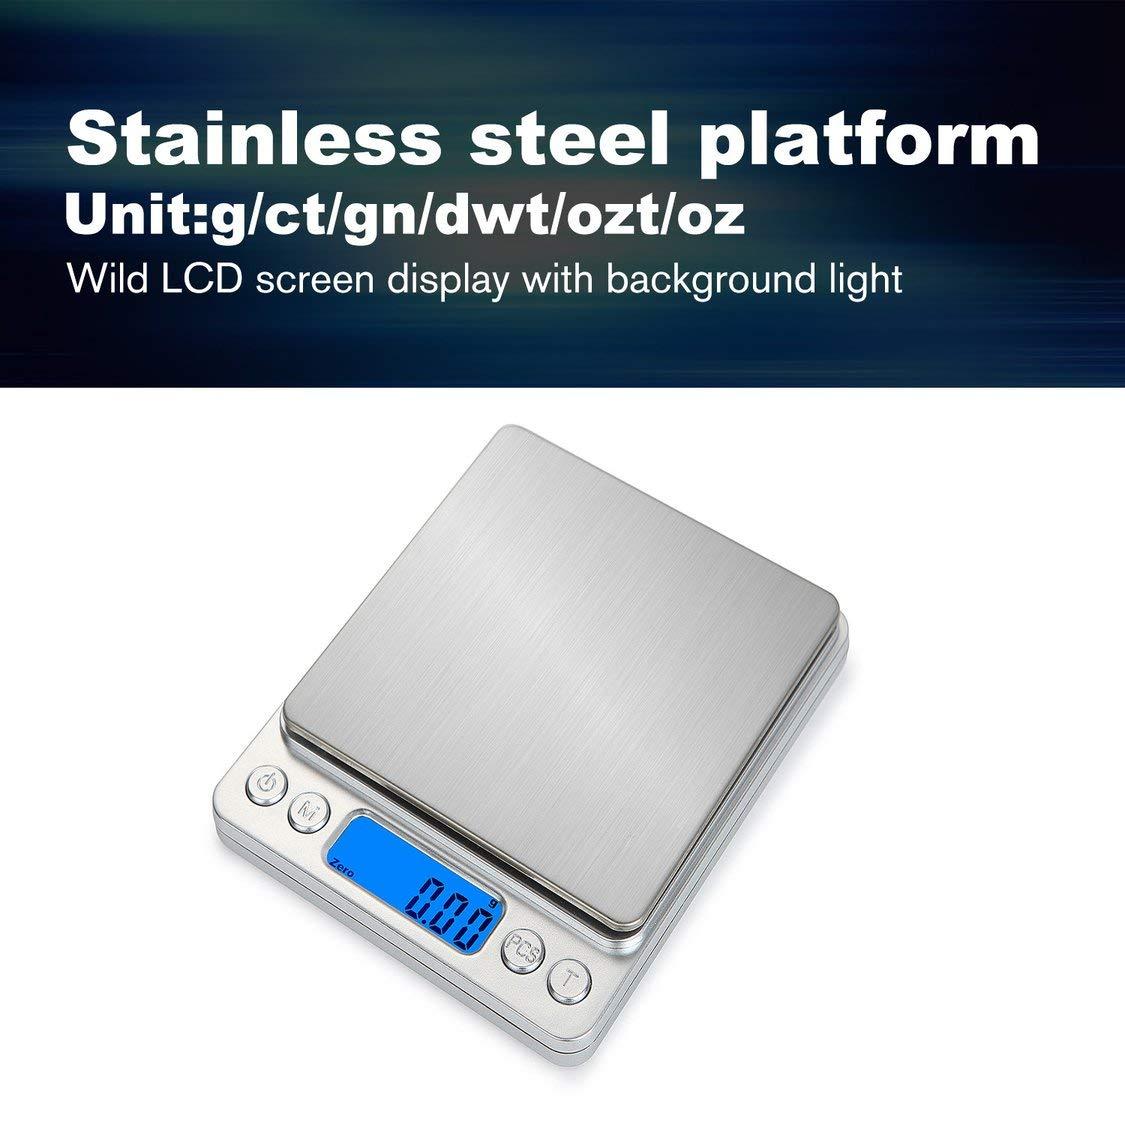 Küchenwaagen Silber vige HT-I200 Tragbare Küche Digitalwaage Edelstahl Elektronische LCD-Display Lebensmittelwaage Schmuck Skala 2000g x 0,1g